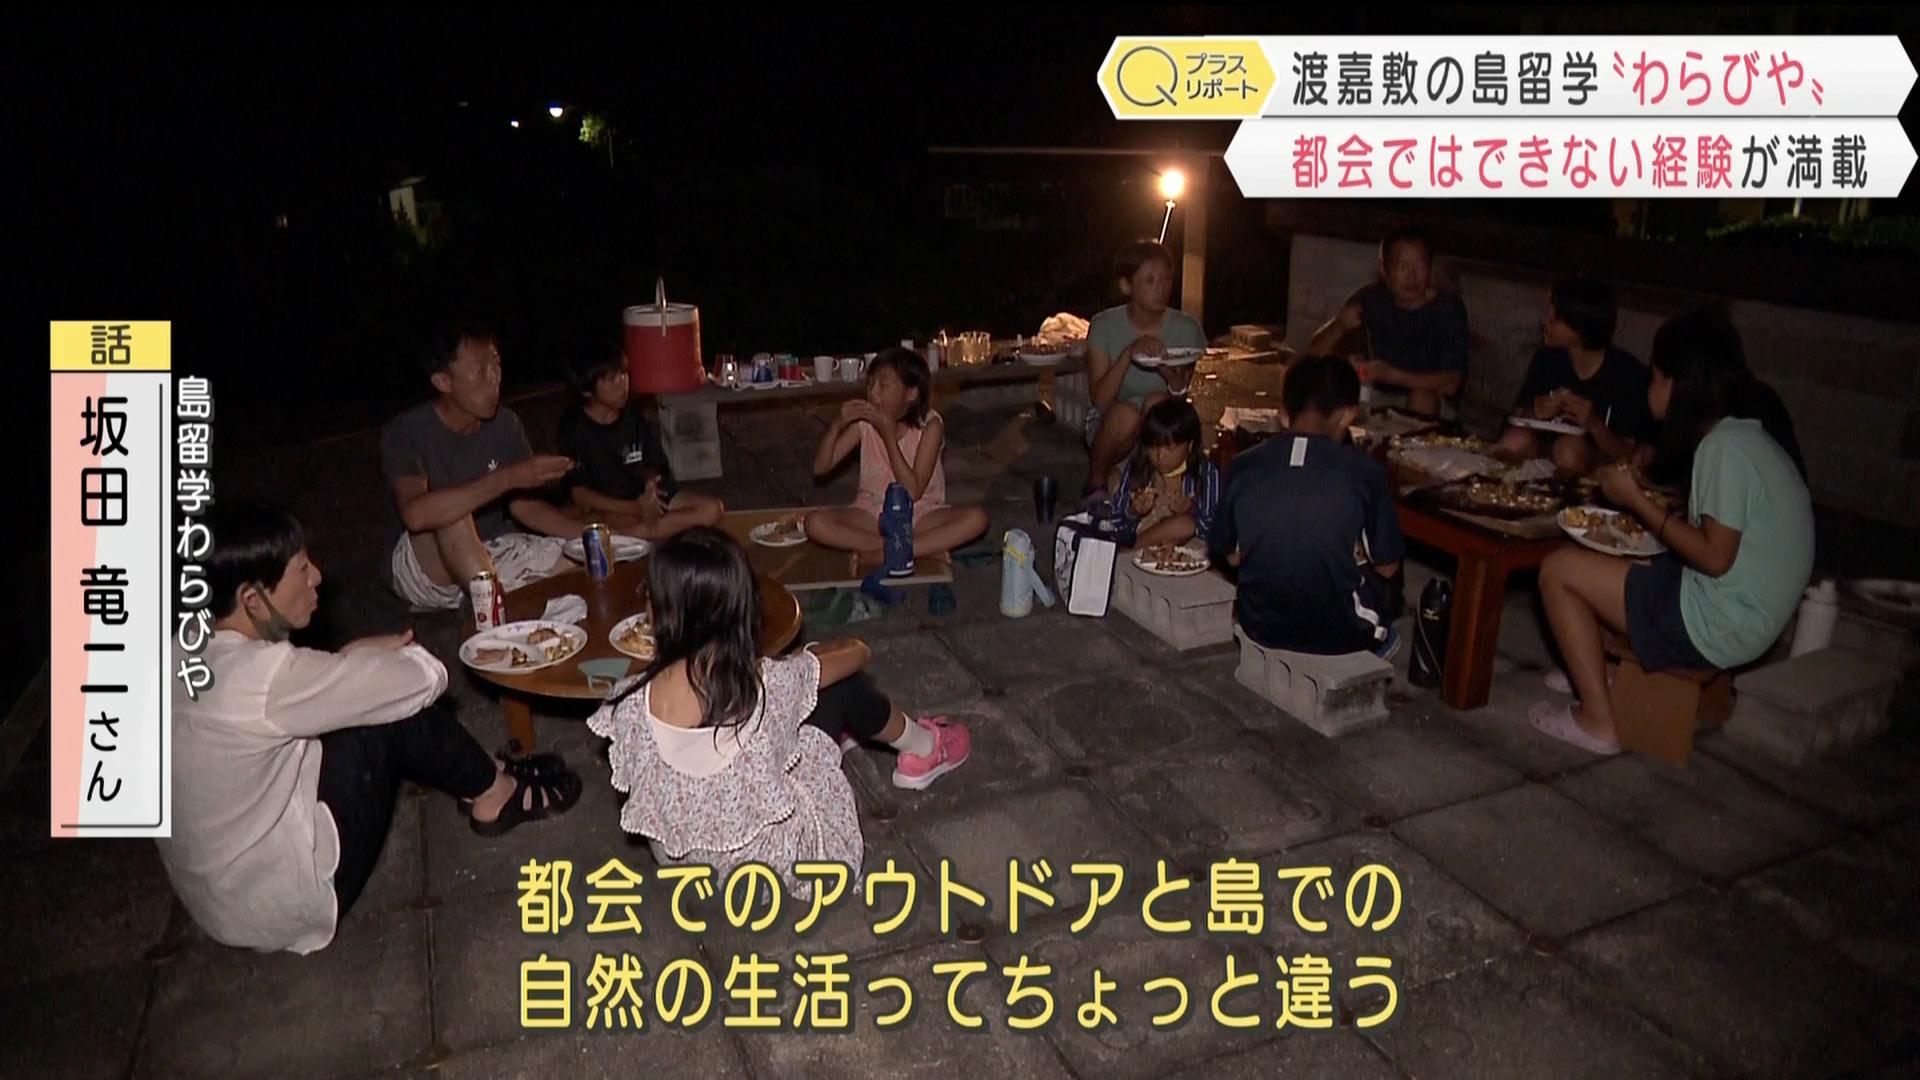 渡嘉敷島留学「わらびや」の夏